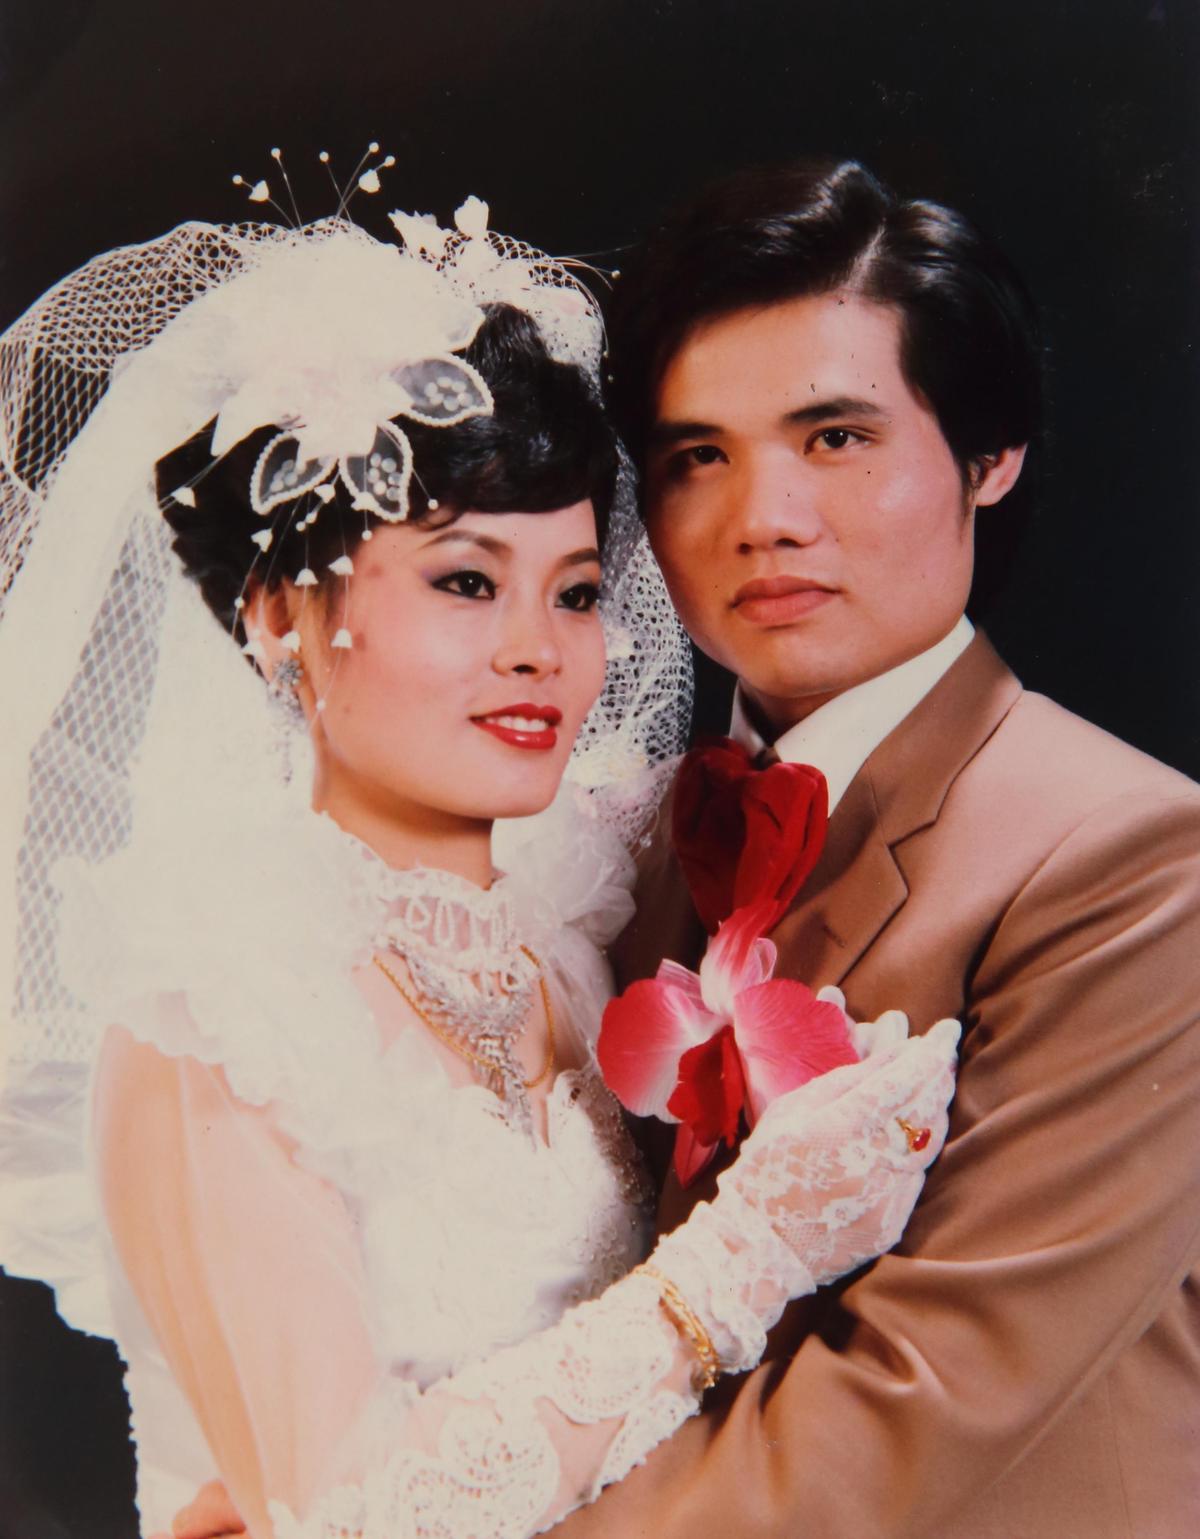 盧信彰(右)與太太林秀丹(左)的姻緣,由太太的阿姨牽成。(盧信彰提供)